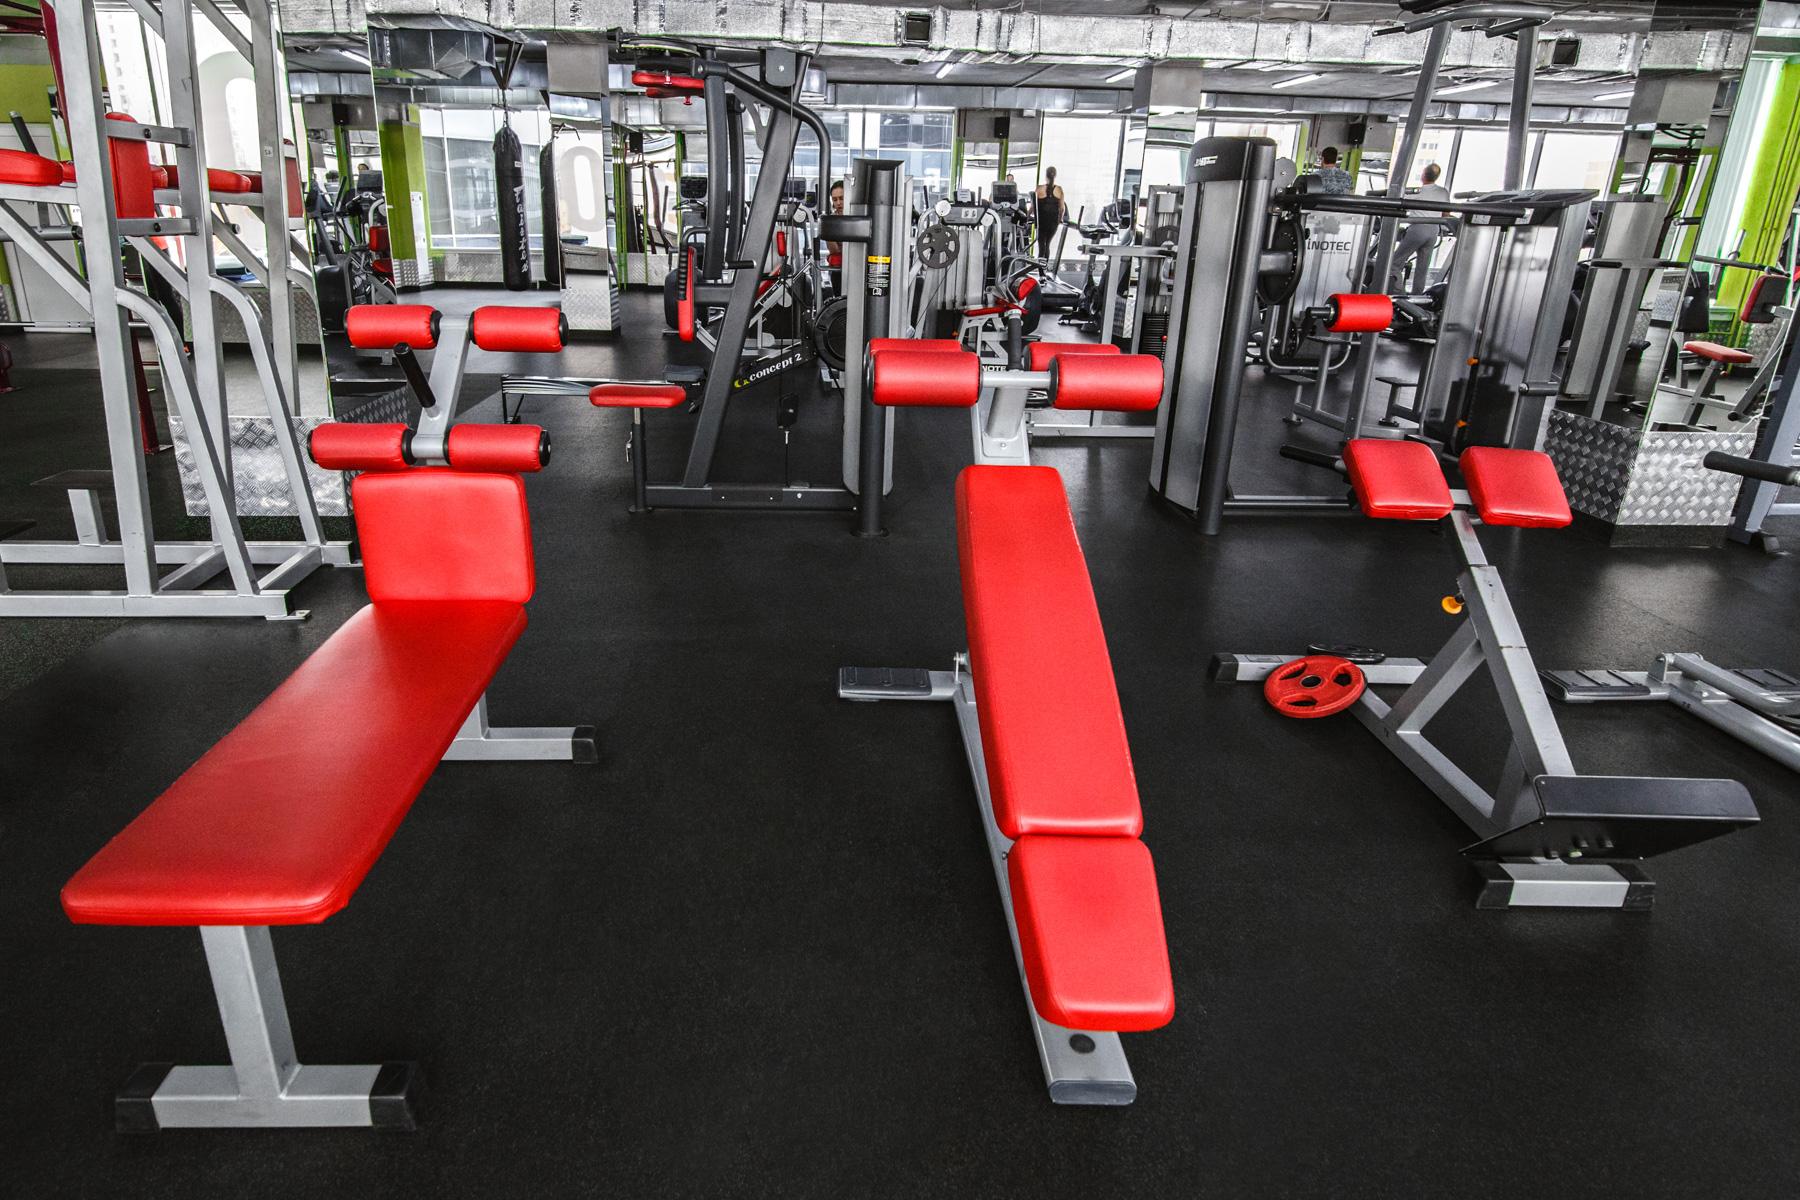 фитнес клубы москва пражская